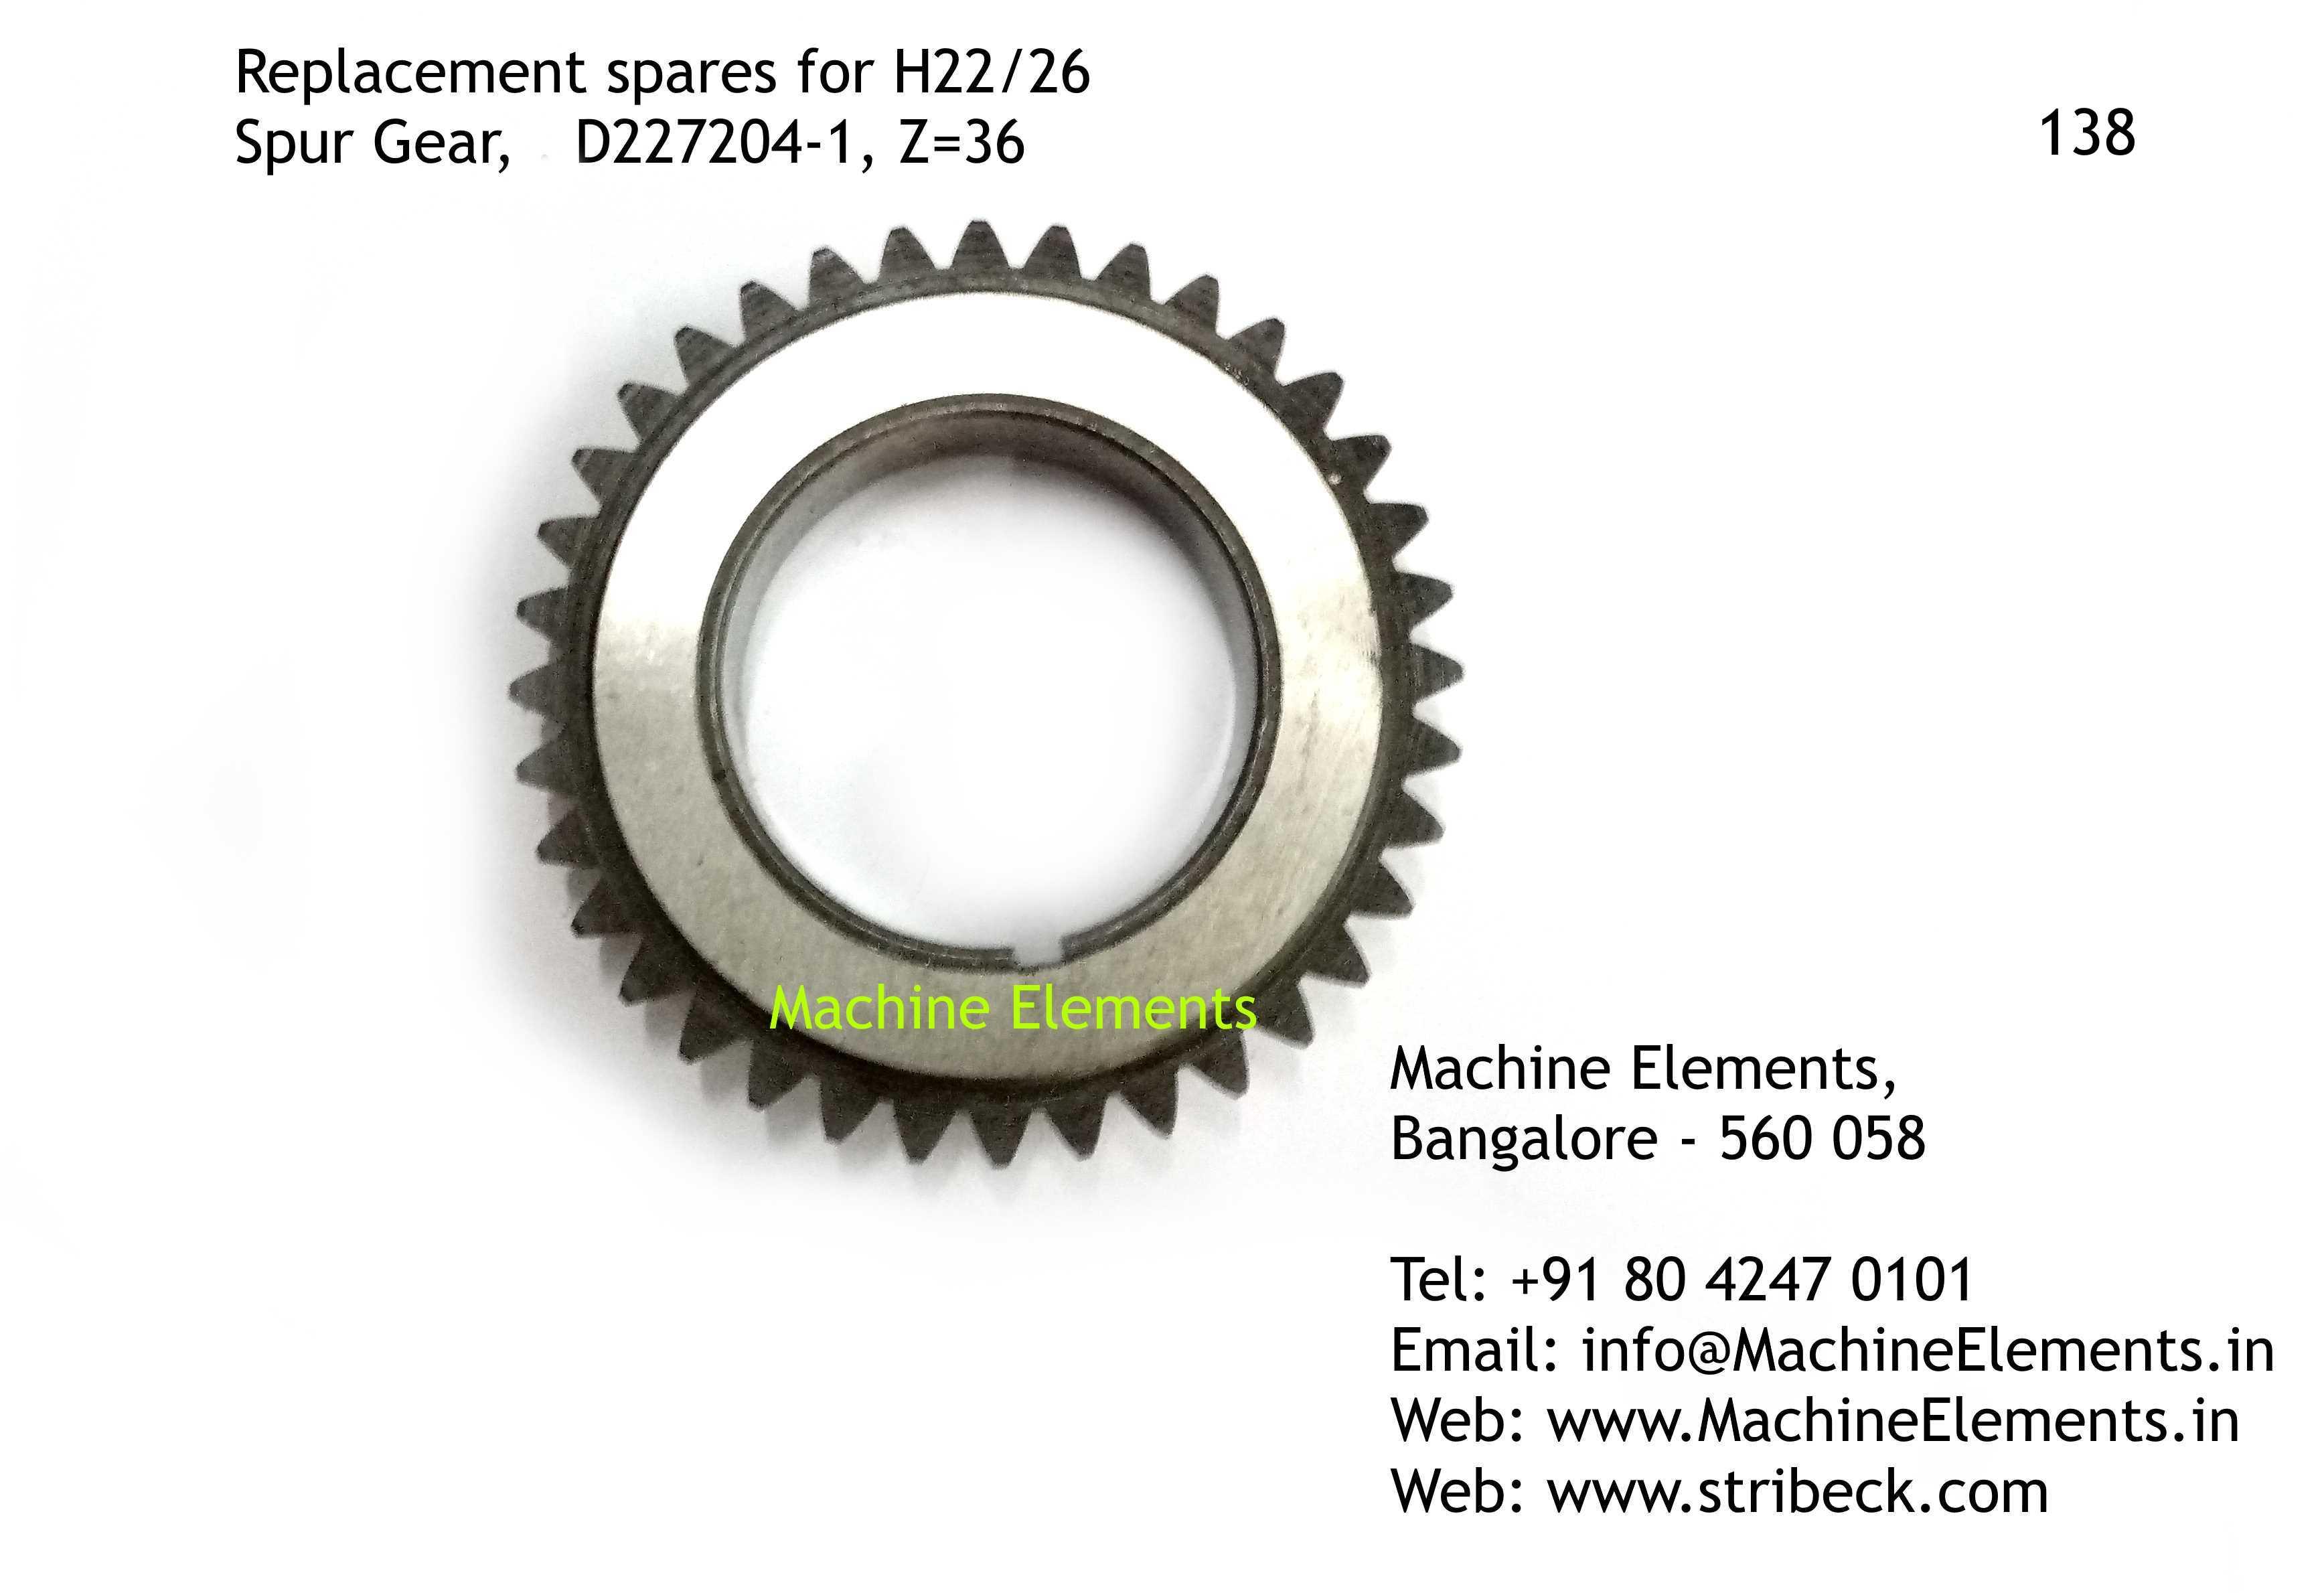 Spur Gear, D227204-1, Z=36